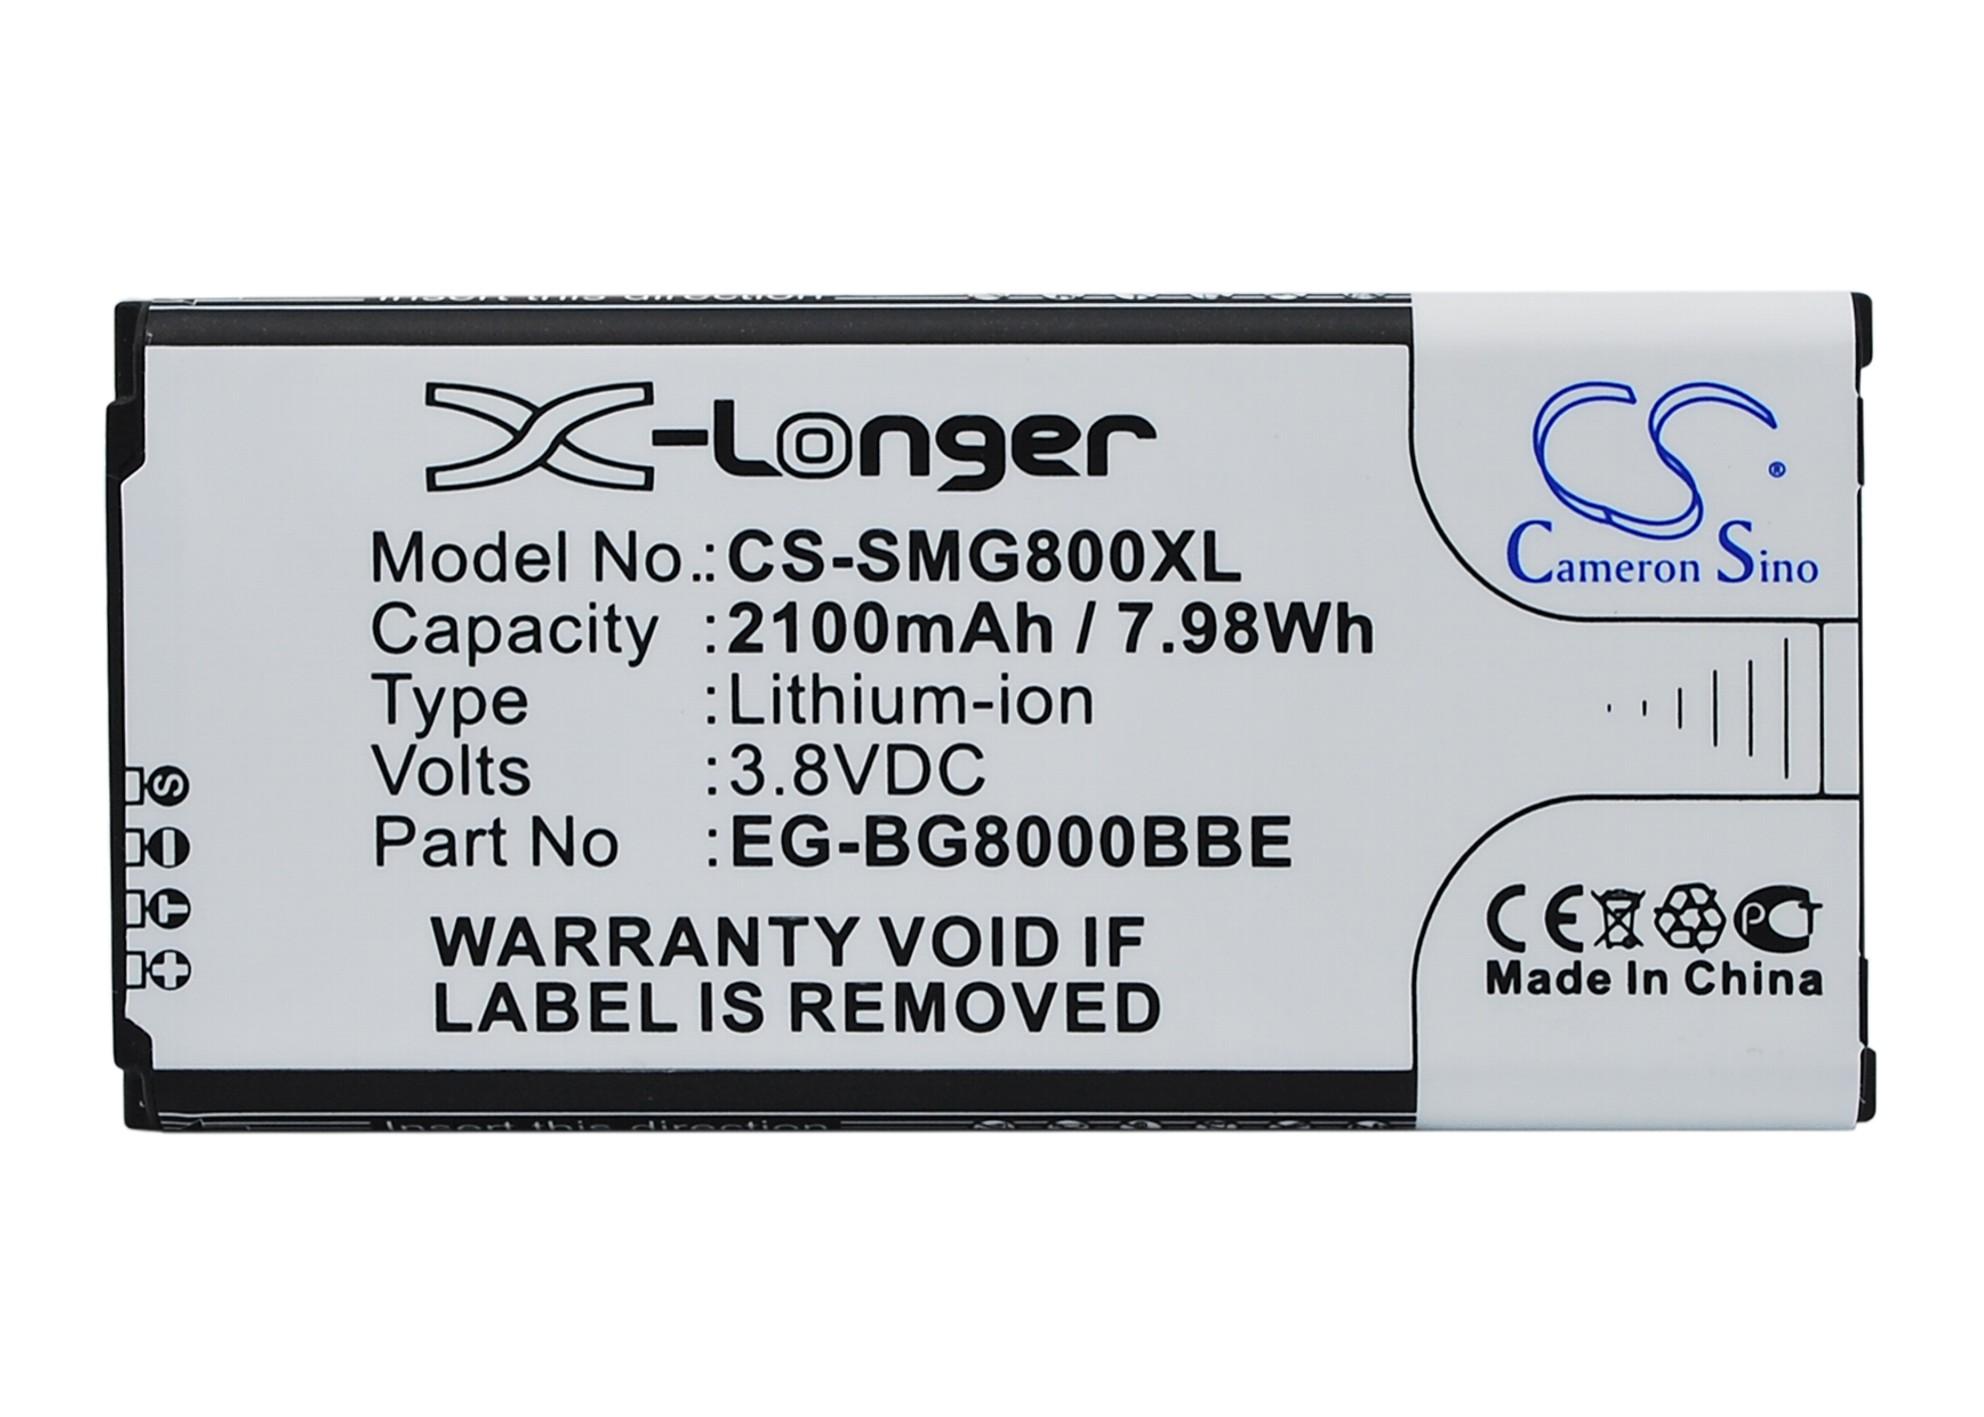 Cameron Sino baterie do mobilů za EG-BG800BBE 3.85V Li-ion 2100mAh černá - neoriginální